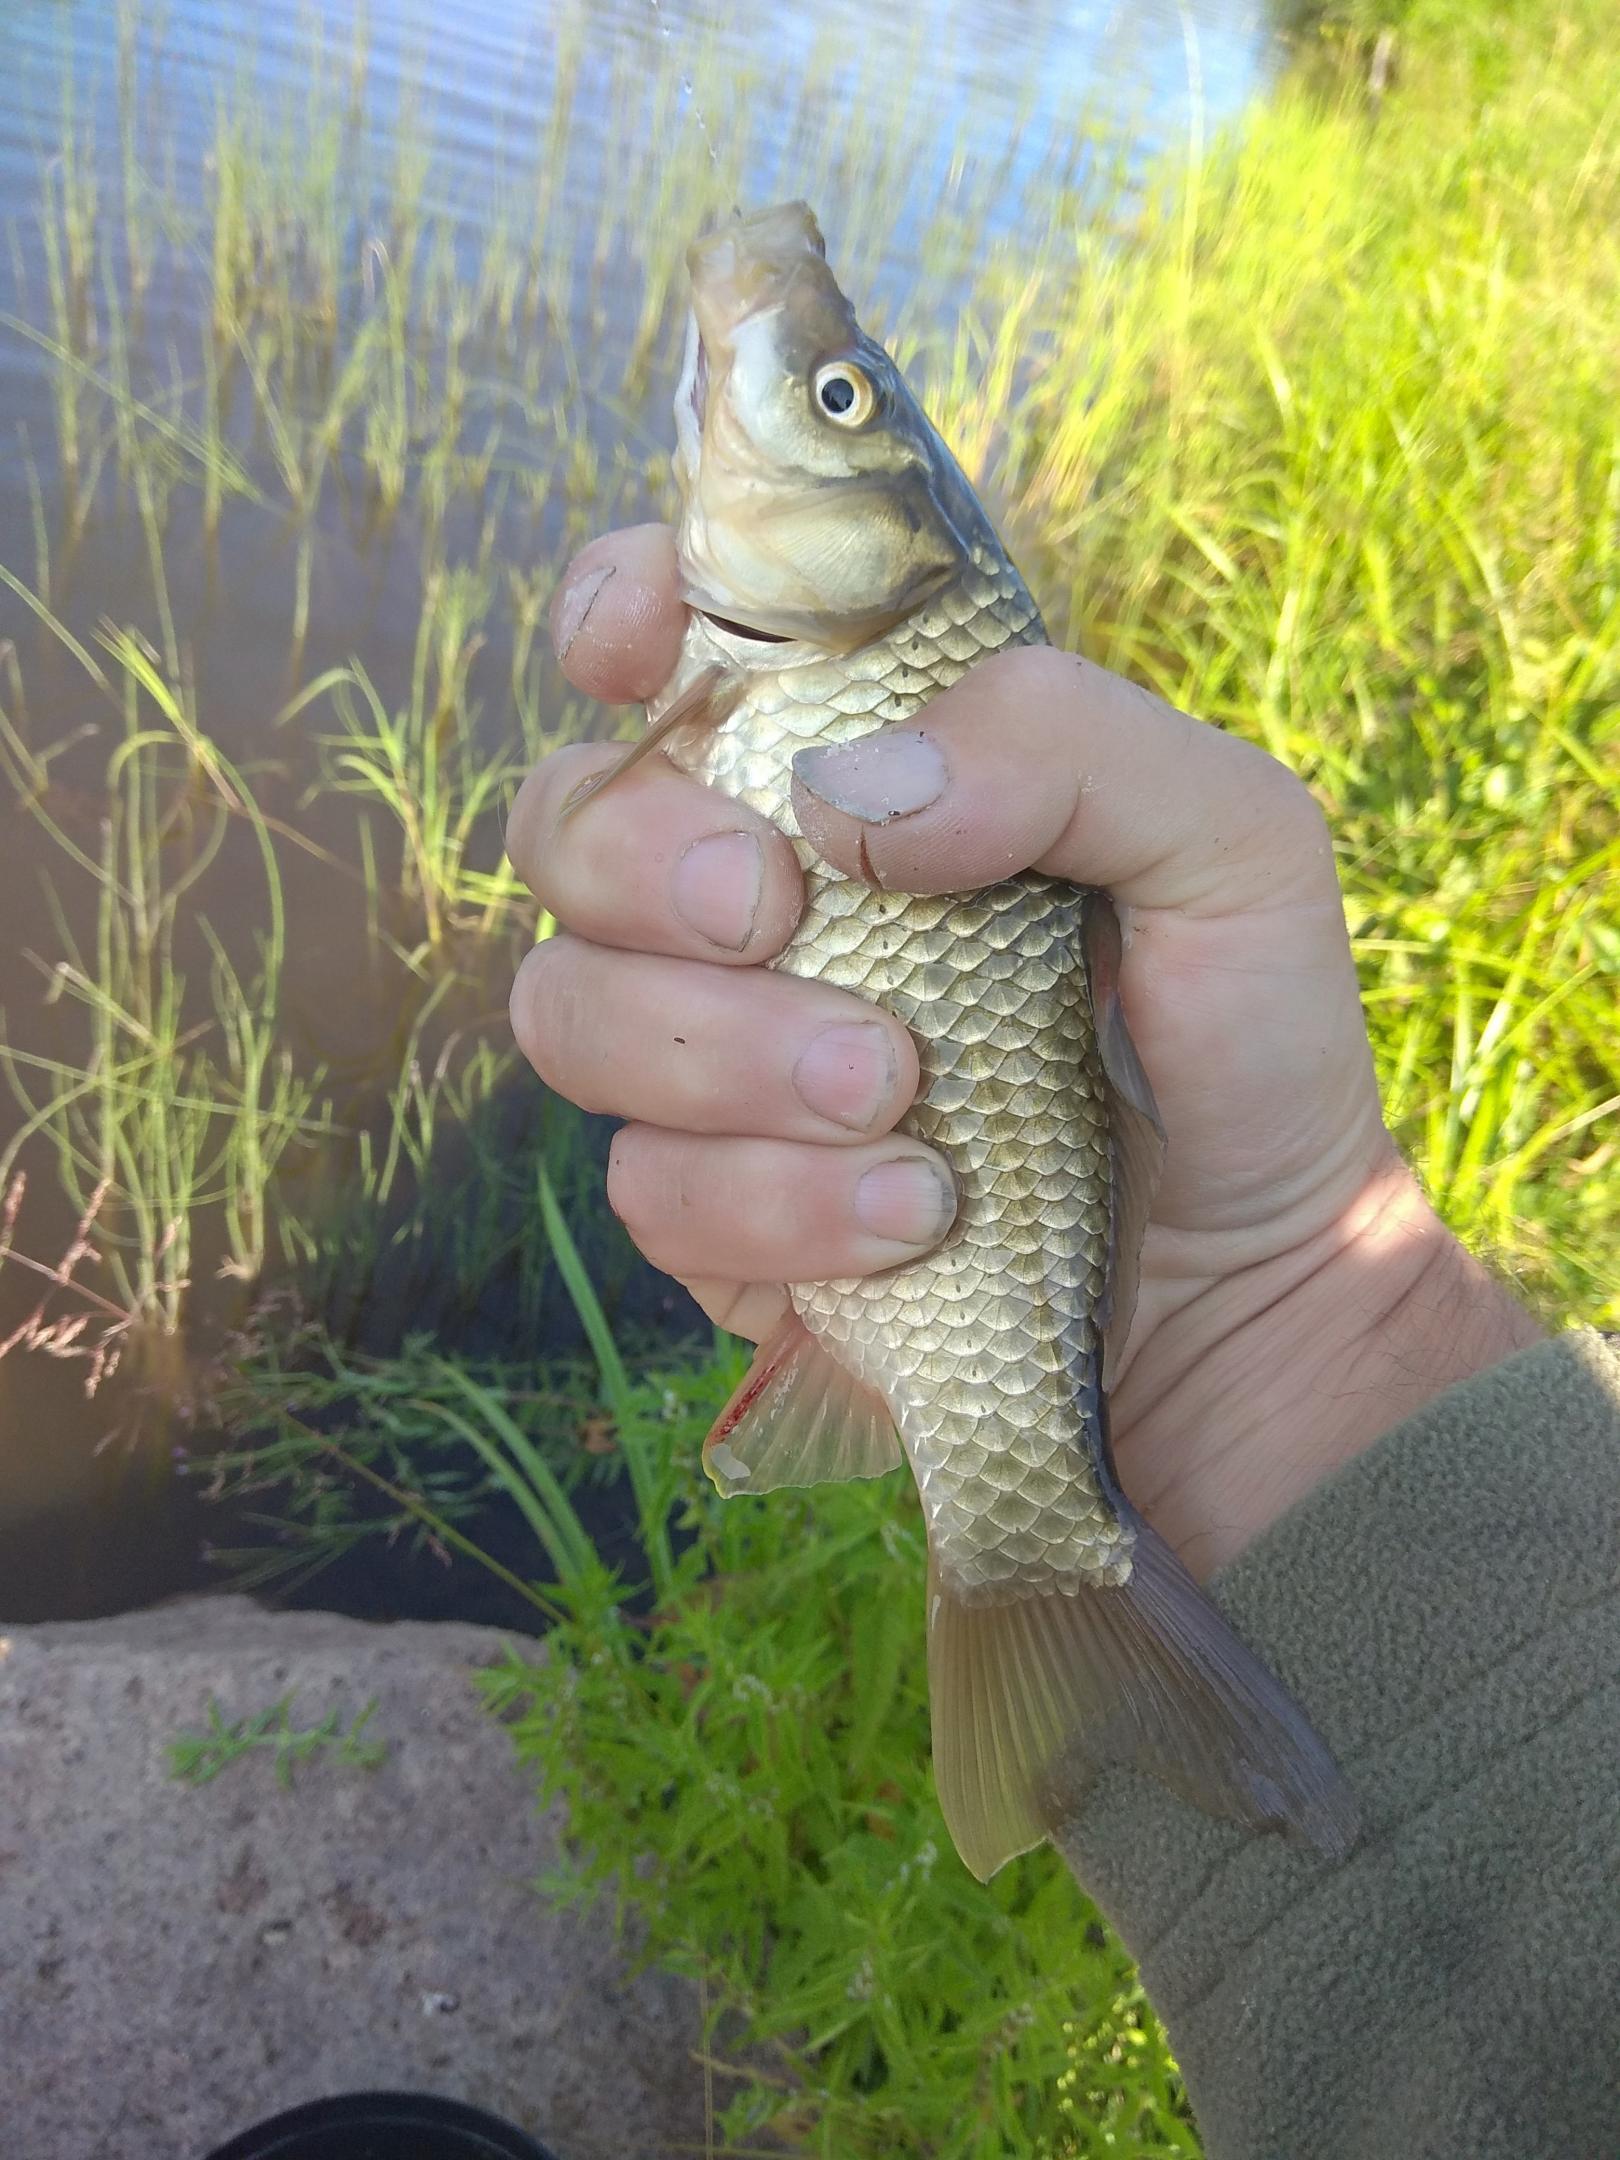 Сегодня проехал на три часа за плотвой, тоже ... | Отчеты о рыбалке в Беларуси